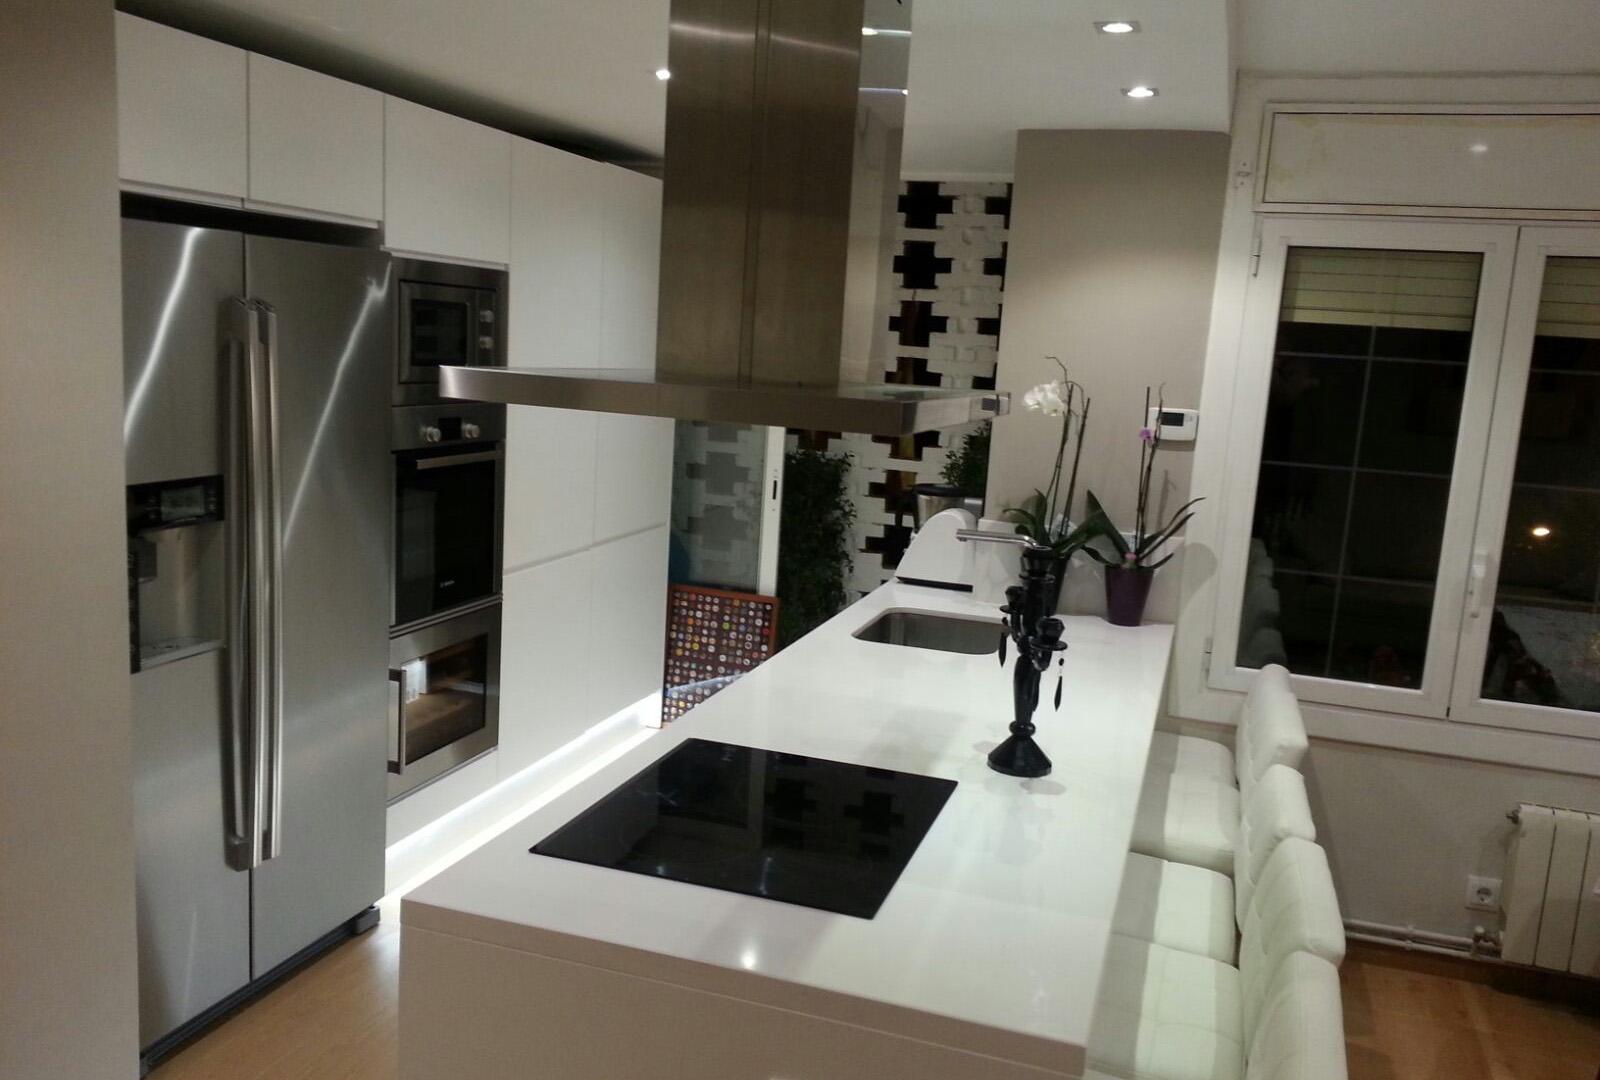 Limpiar Muebles De Cocina Lacados Blanco # azarak.com > Ideas Interesantes...